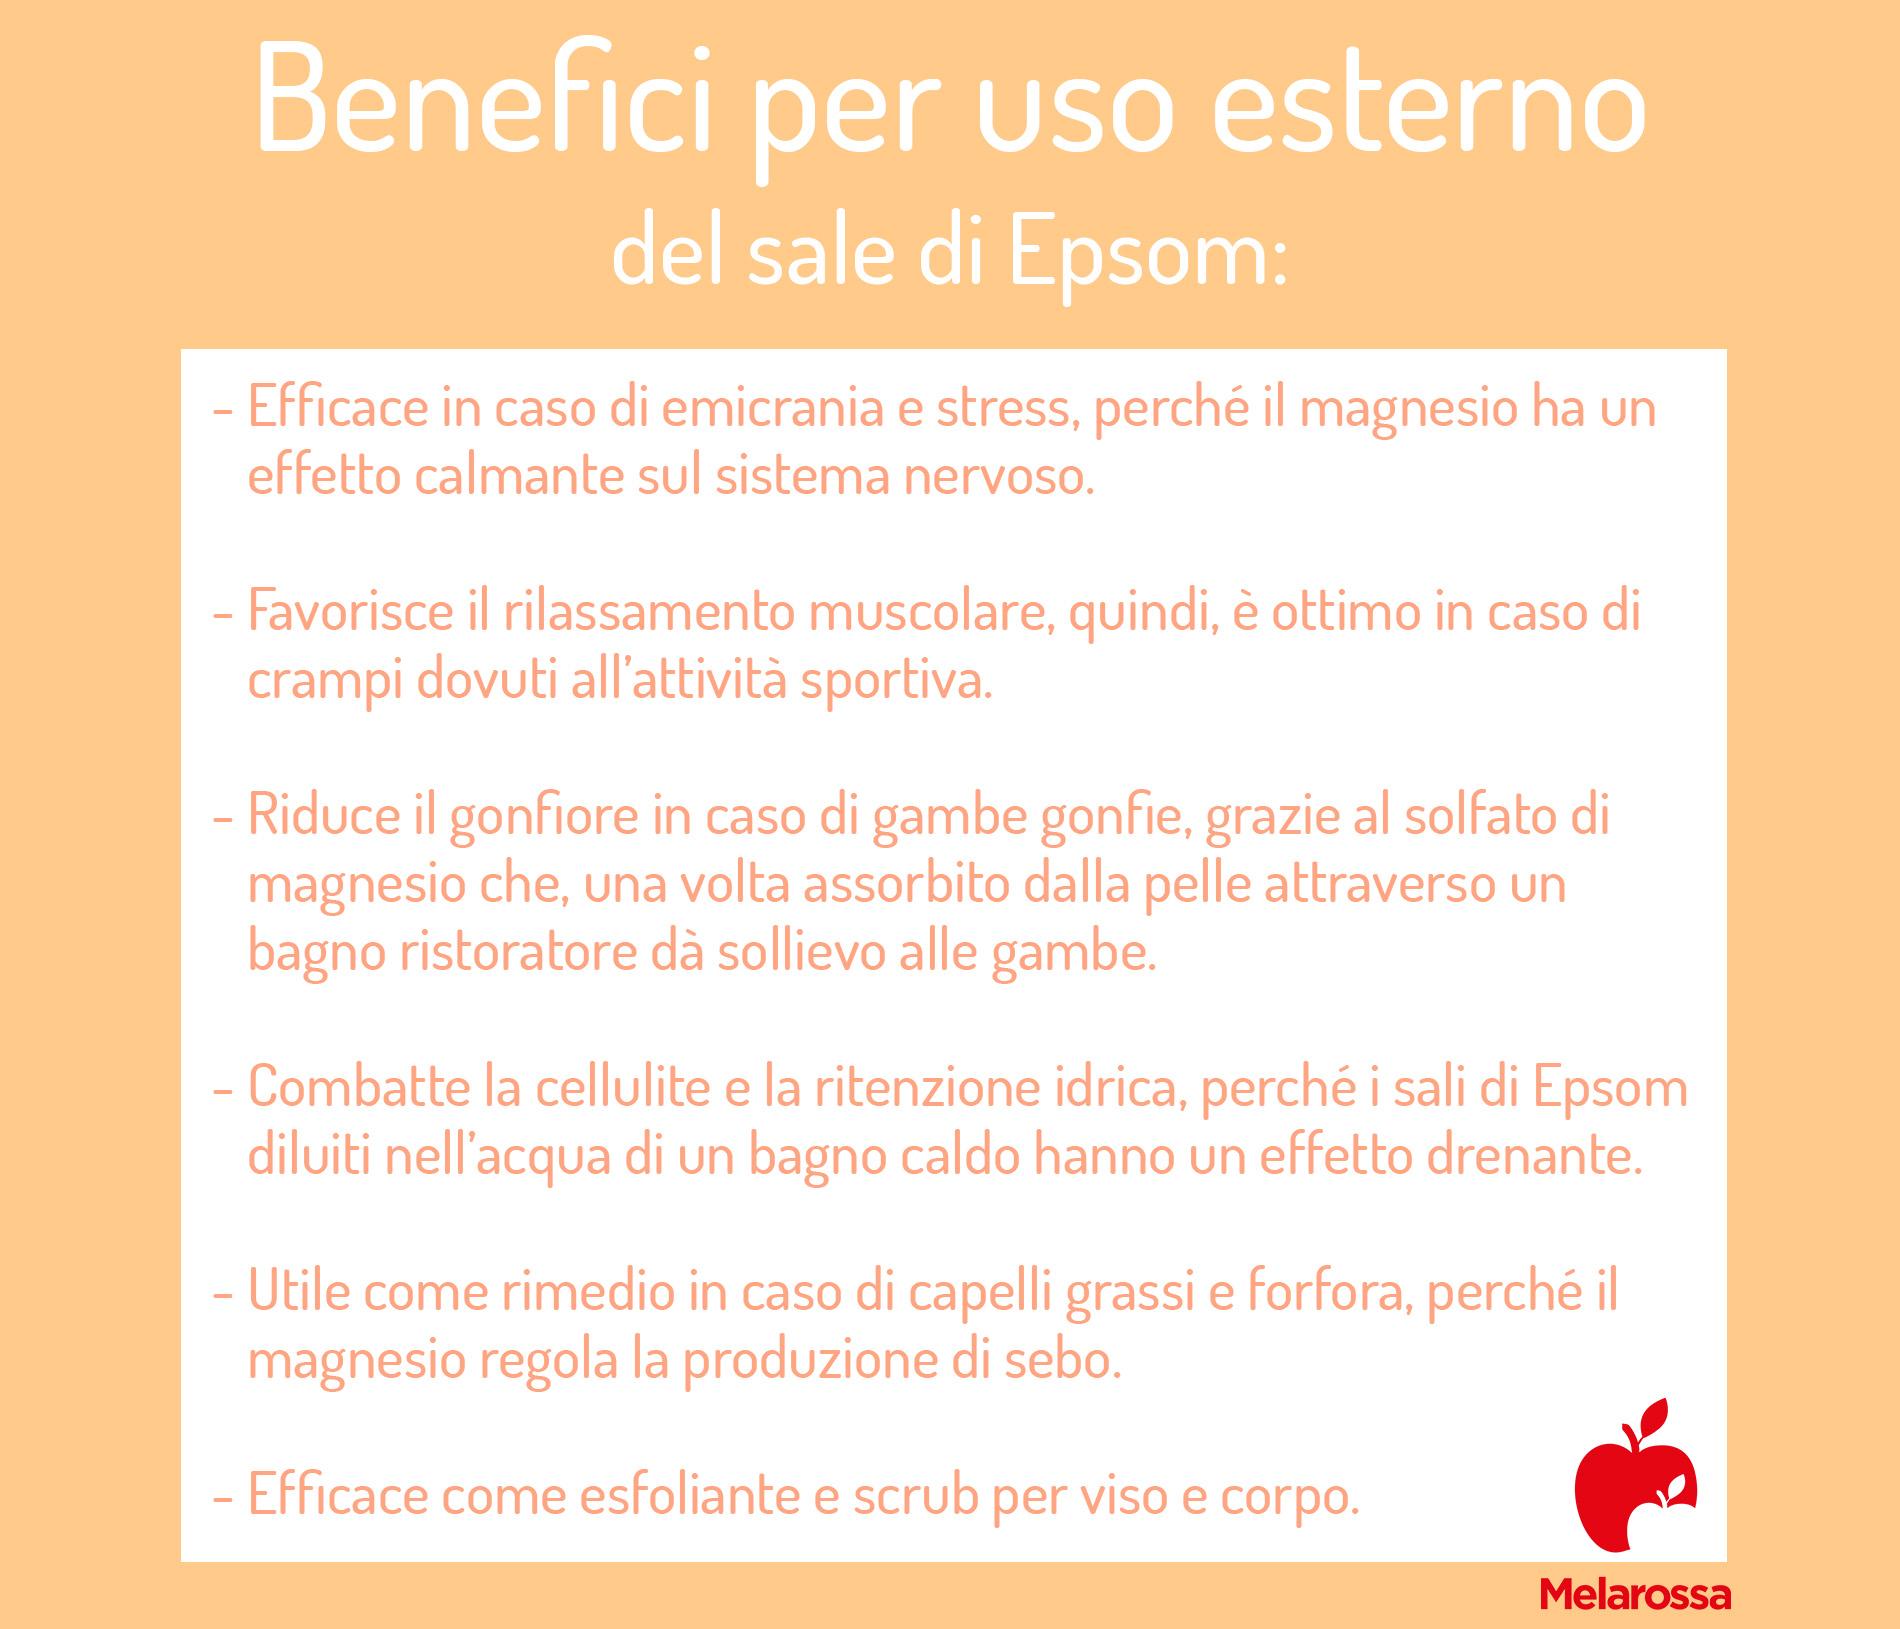 Sali di Epsom benefici uso esterno